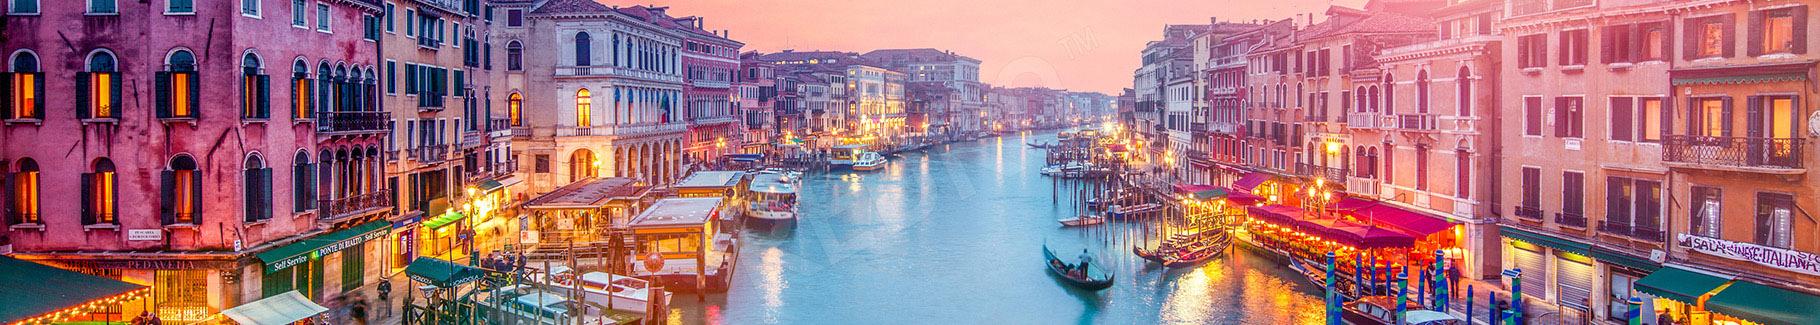 Obraz wieczorna panorama Wenecji